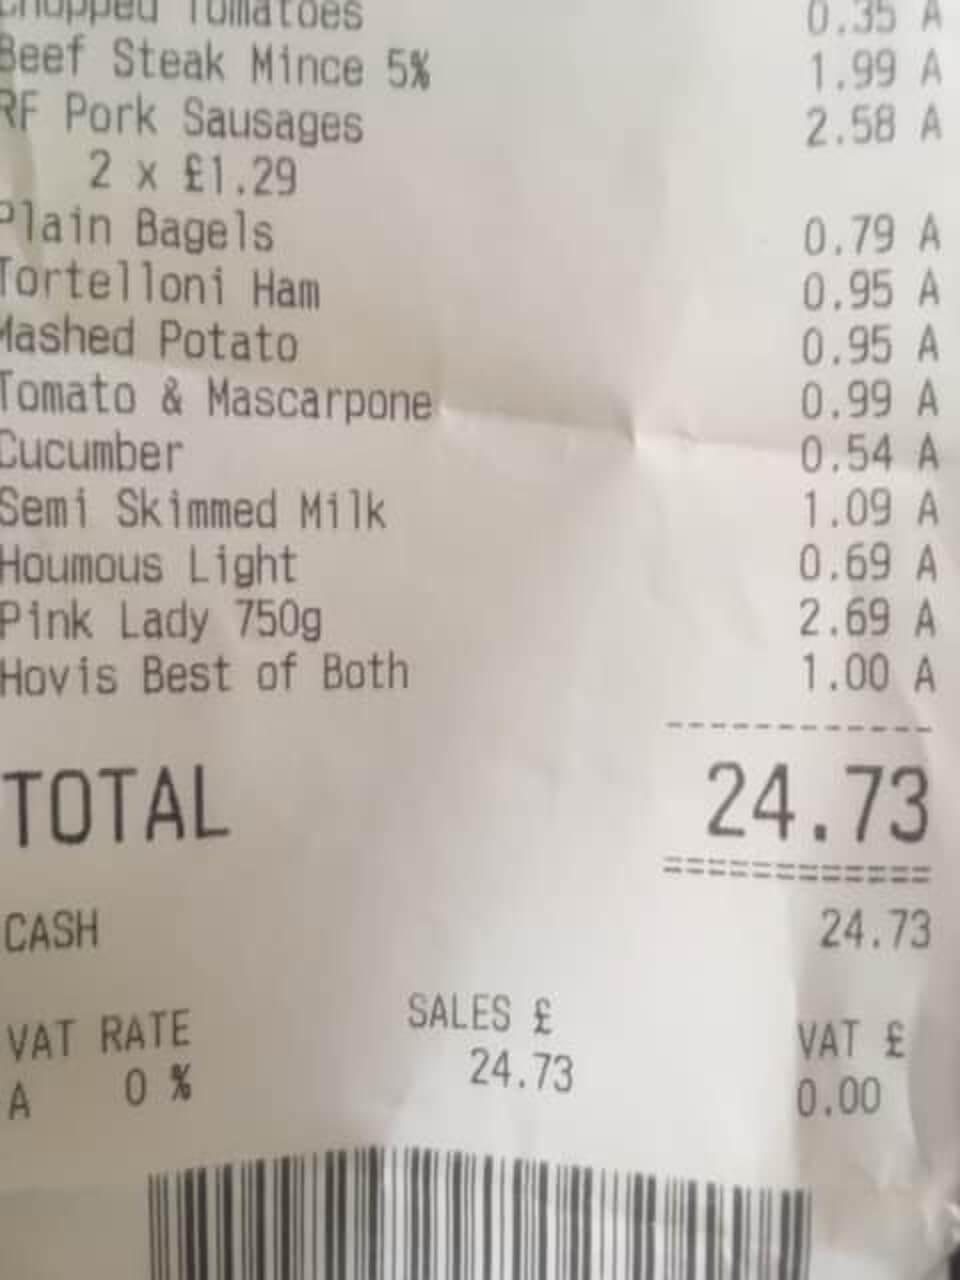 Katie's receipt